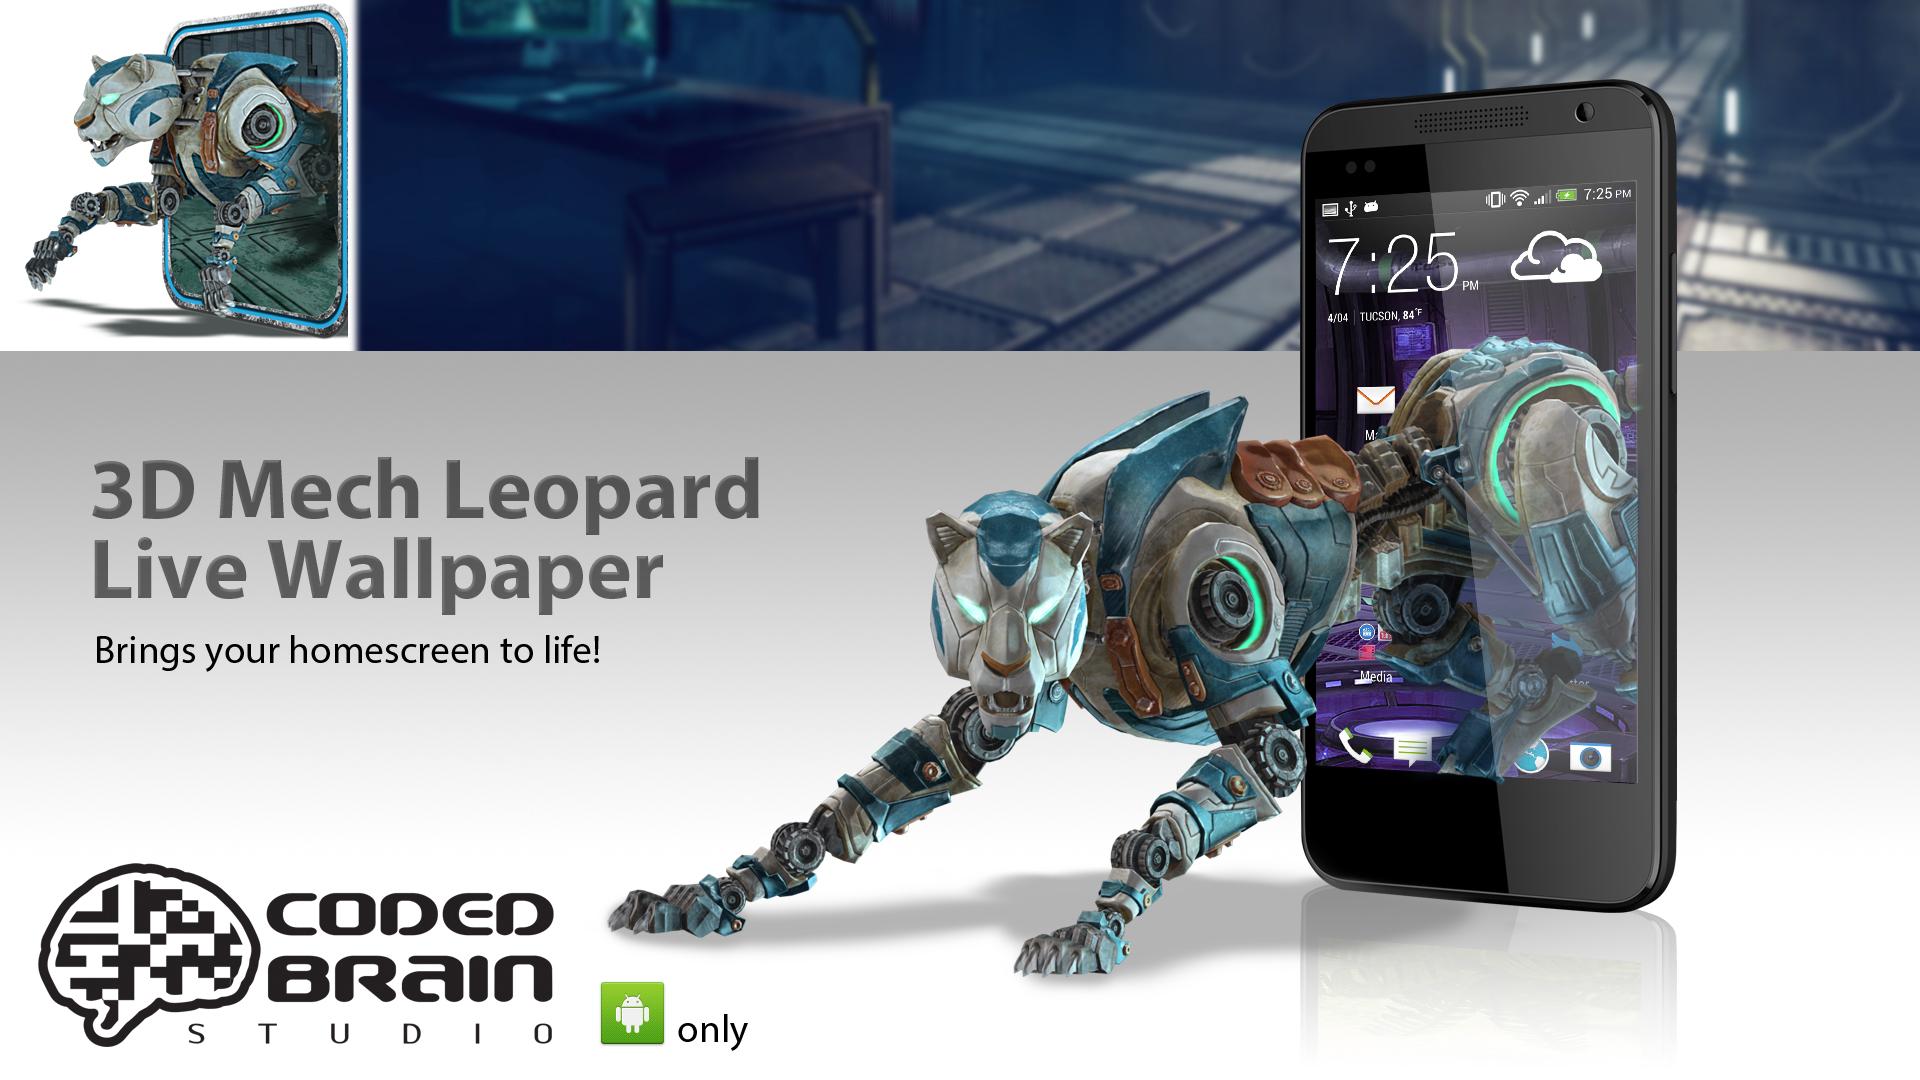 Mech Leopard Live Wallpaper